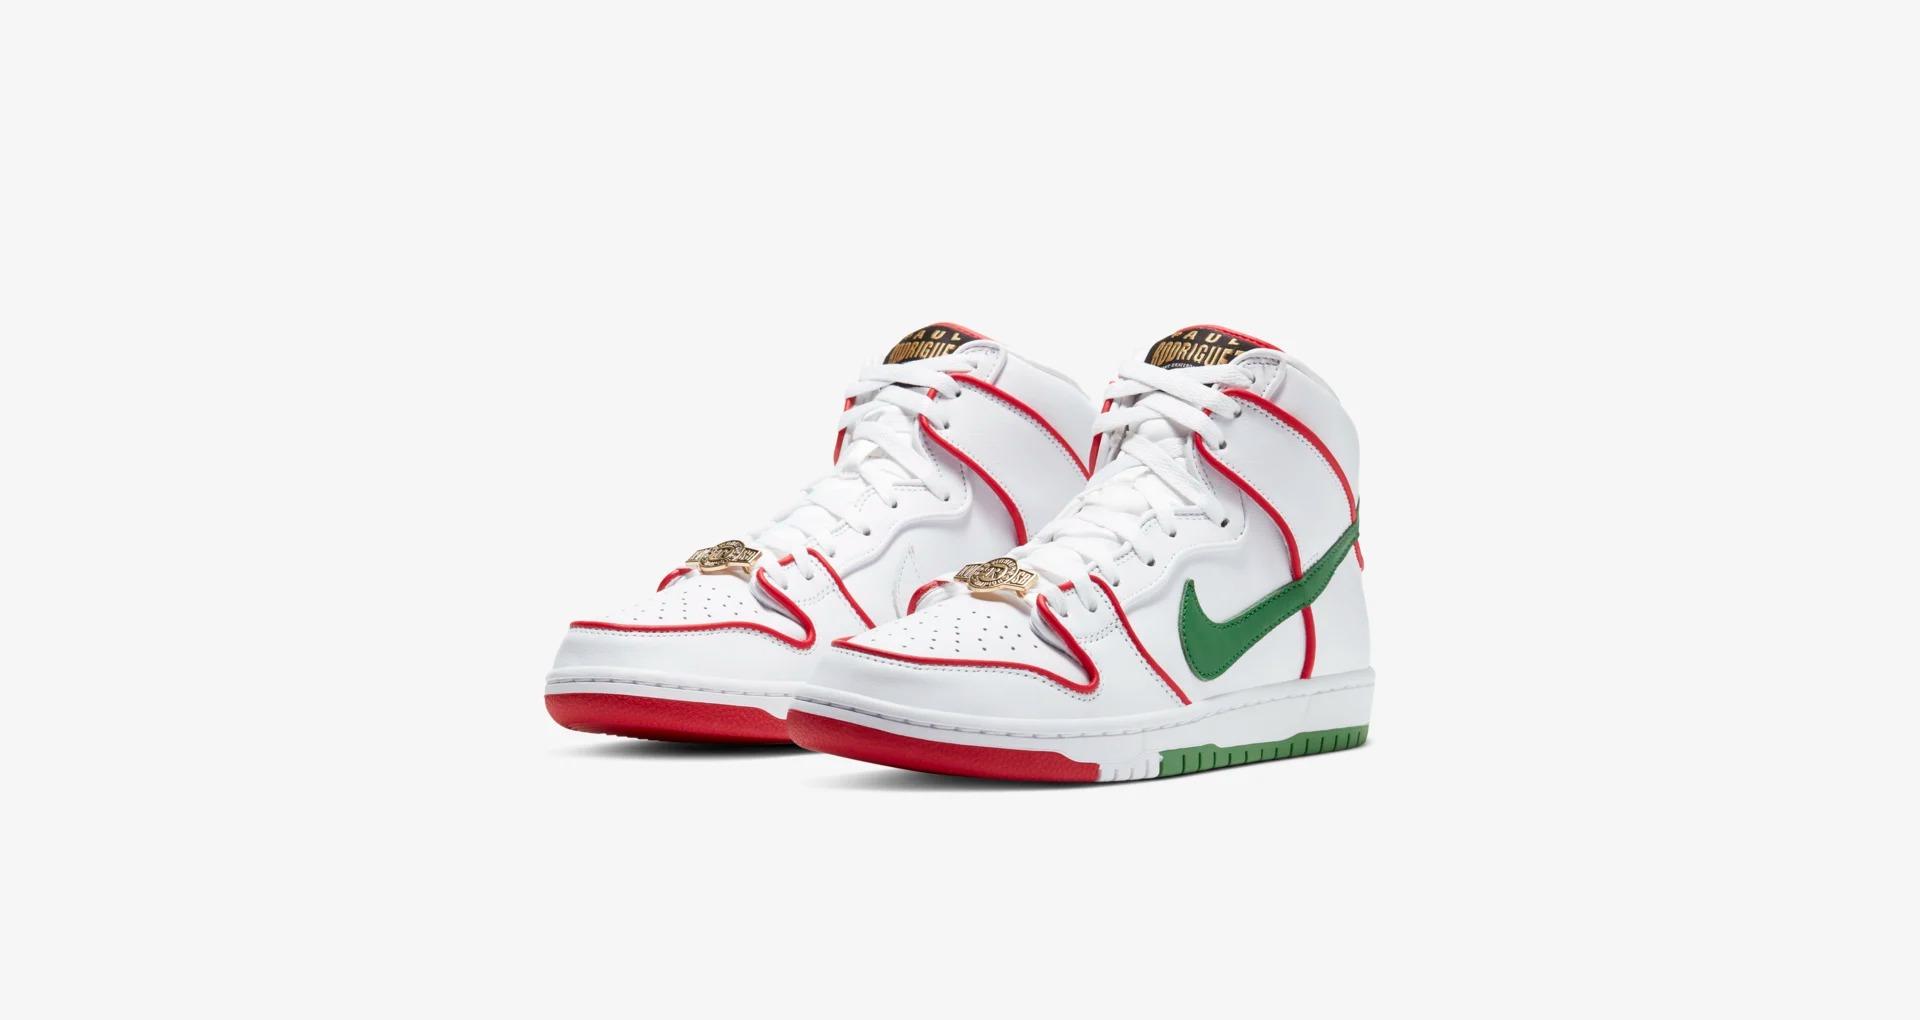 Nike,Paul Rodriguez,SB Dunk Hi 拳击 Dunk SB Hi 官网上架预告!本周六发售,记得定闹铃!